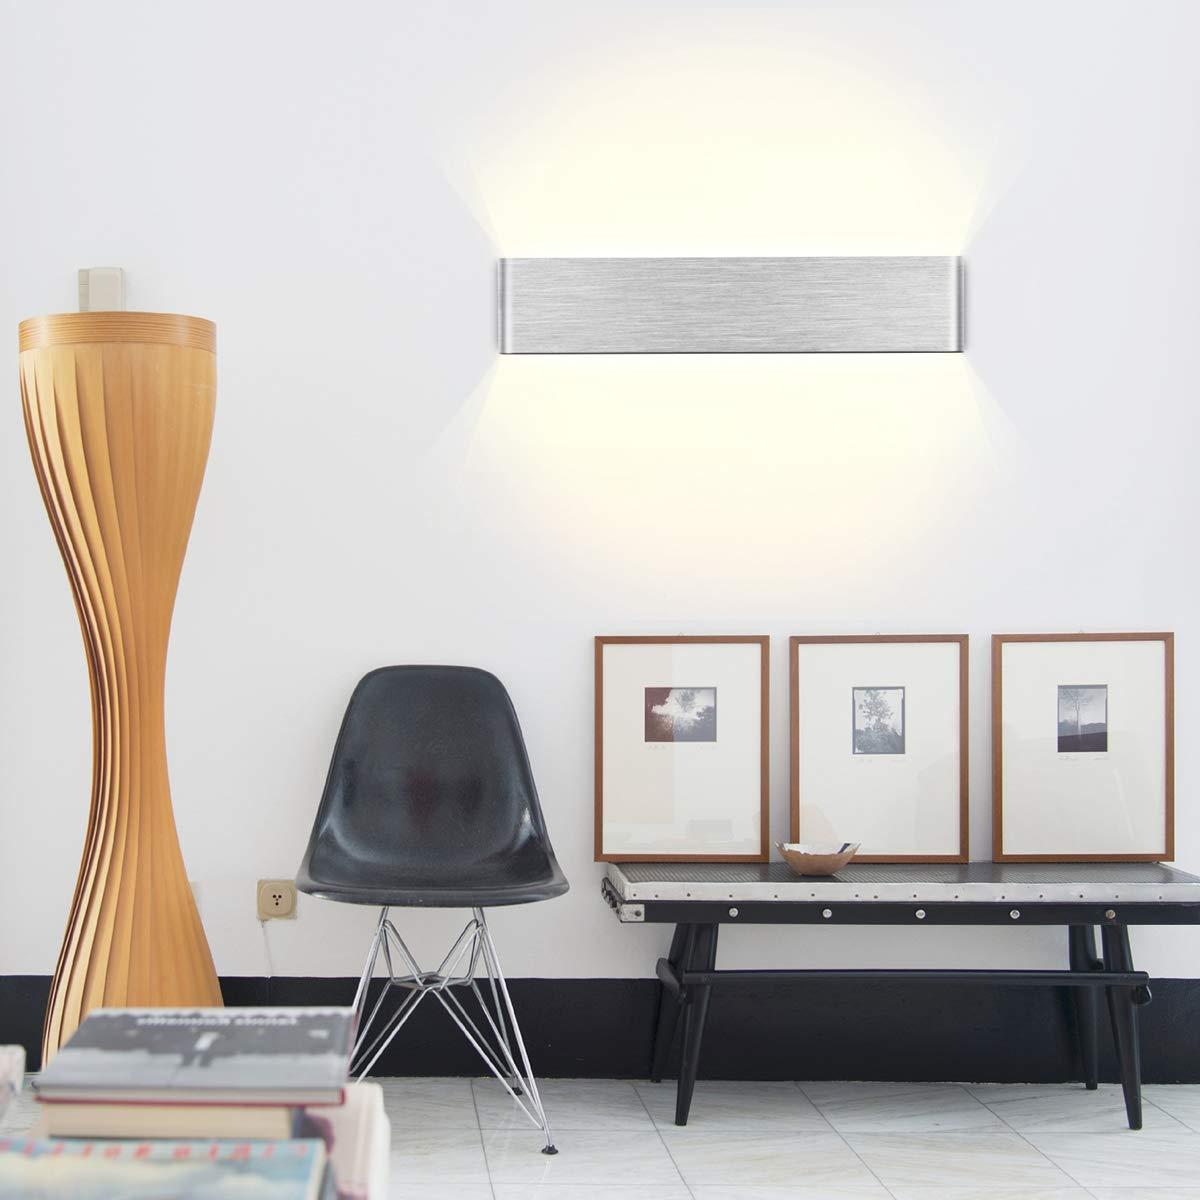 Led Murale Yafido Interieur 14w Blanc Applique Lampe Chaud HE9D2I